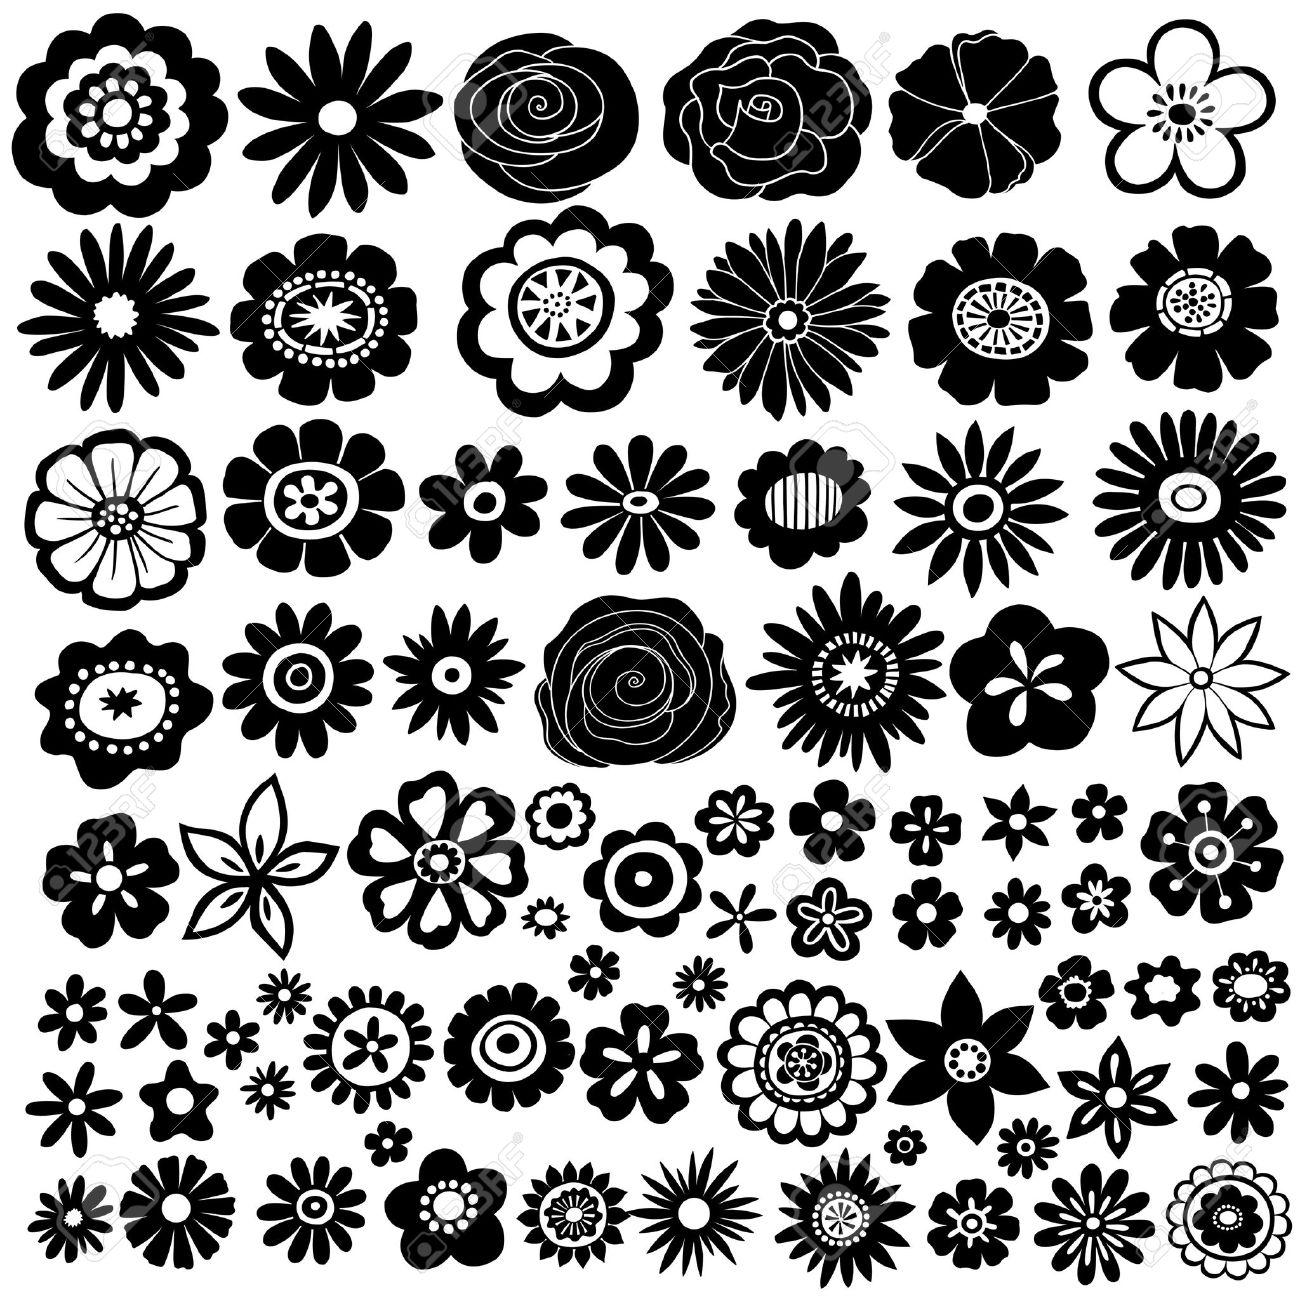 Flower Silhouette Vector Illustration Set Stock Vector - 5119389